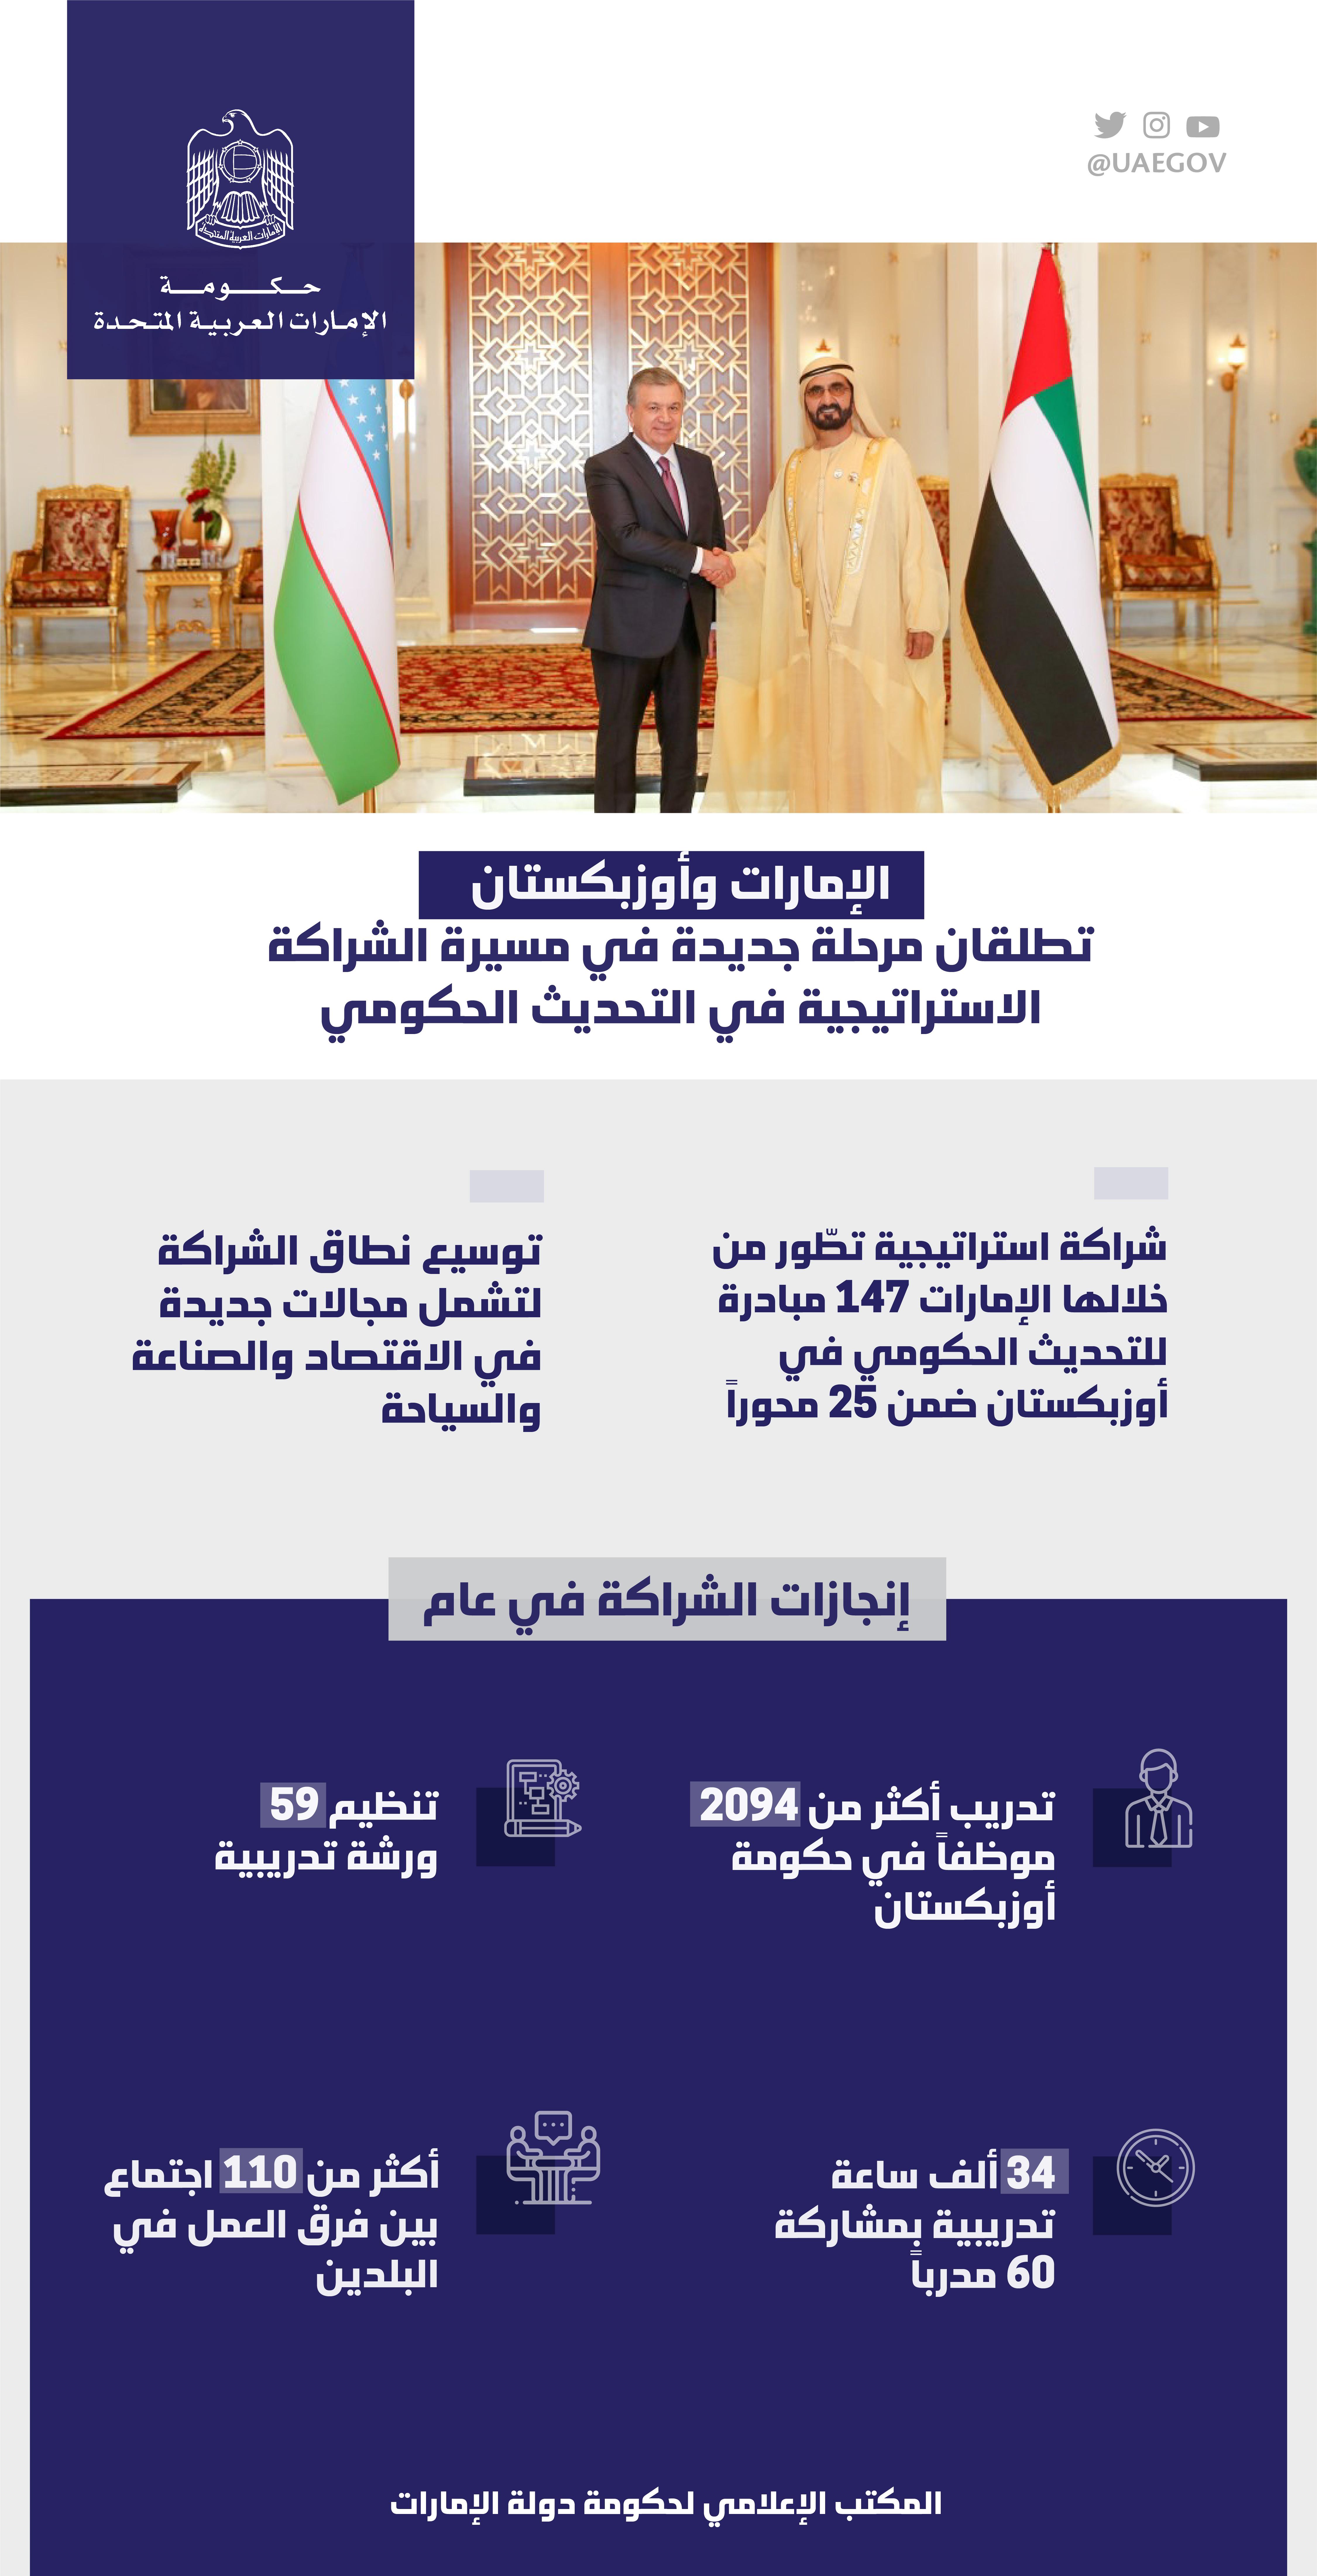 الإمارات وأوزبكستان توسعان مجالات الشراكة الاستراتيجية لتشمل الاقتصاد والصناعة وحاضنات الأعمال